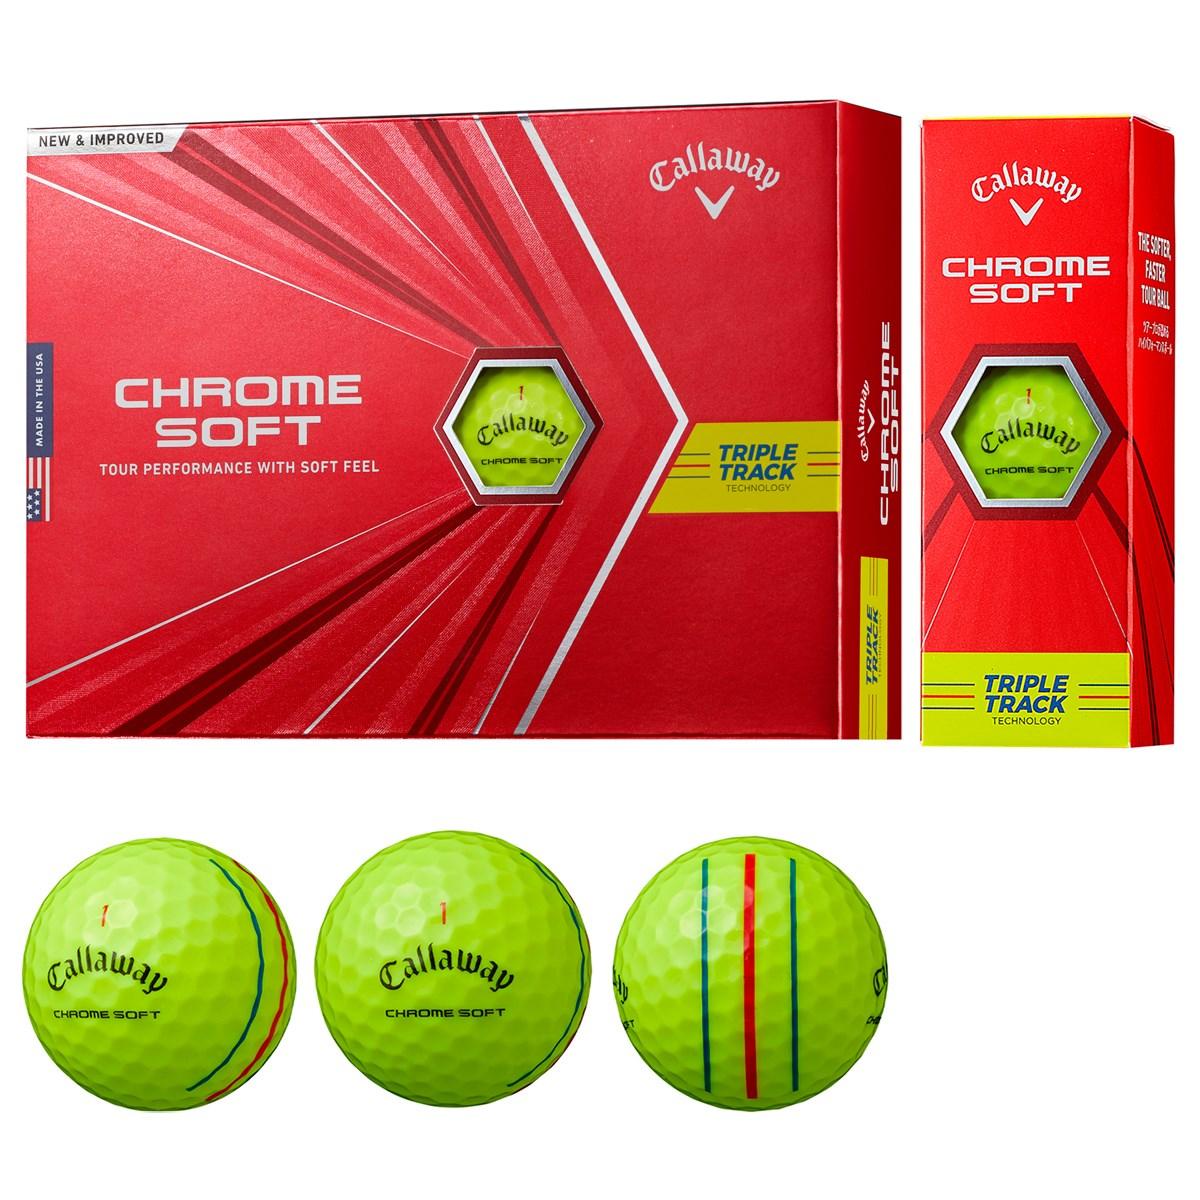 キャロウェイゴルフ CHROM SOFT CHROME SOFT ボール 5ダースセット 5ダース(60個入り) イエロー(トリプルトラック)